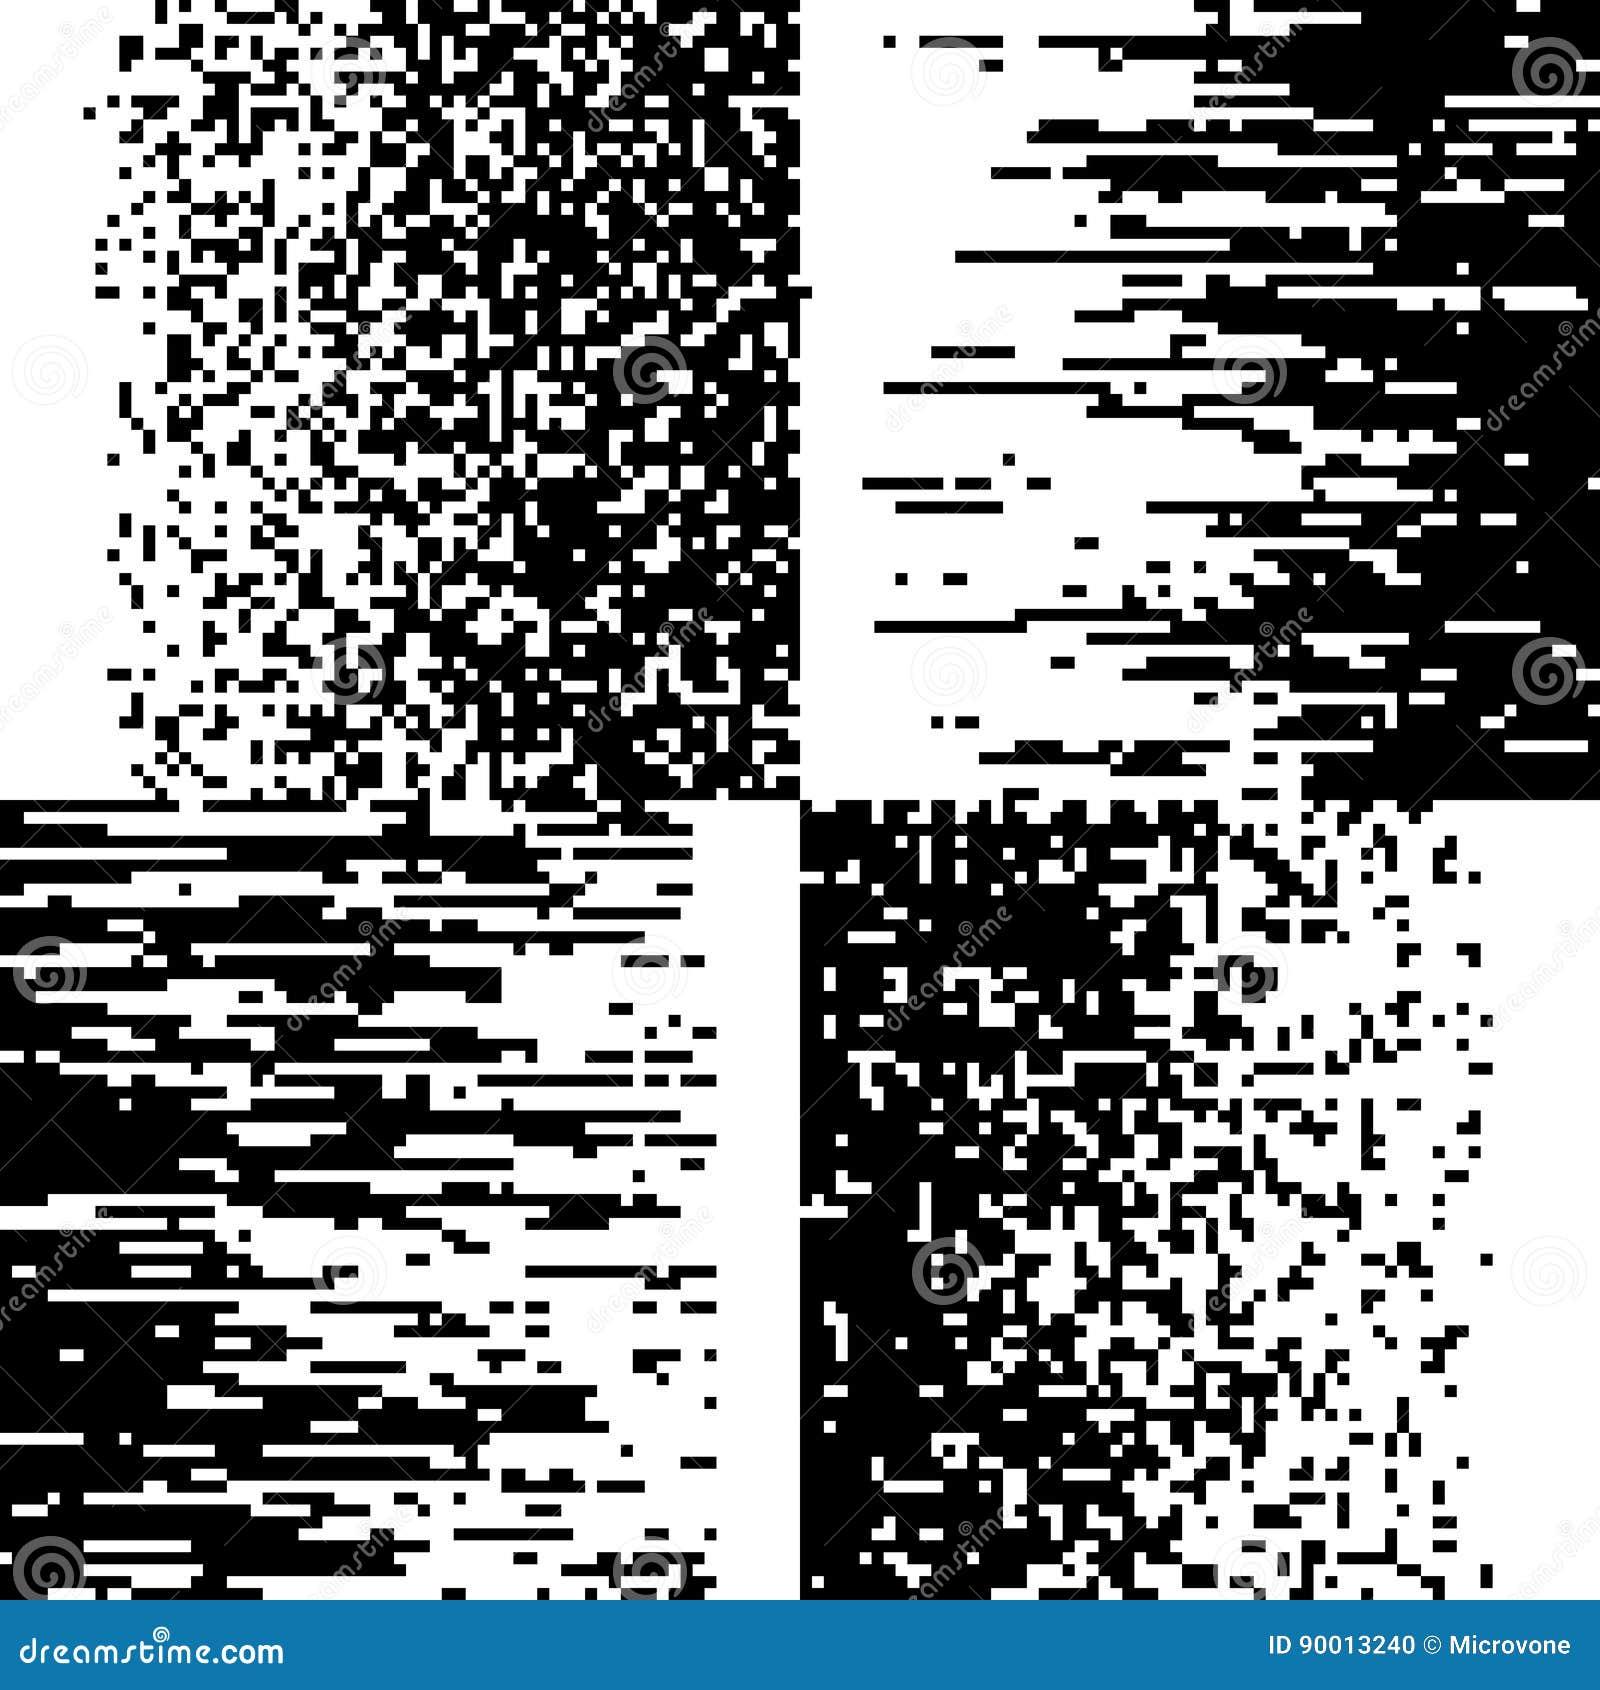 El pixelation blanco y negro, mosaico de la pendiente del pixel, pixelated fondos del vector